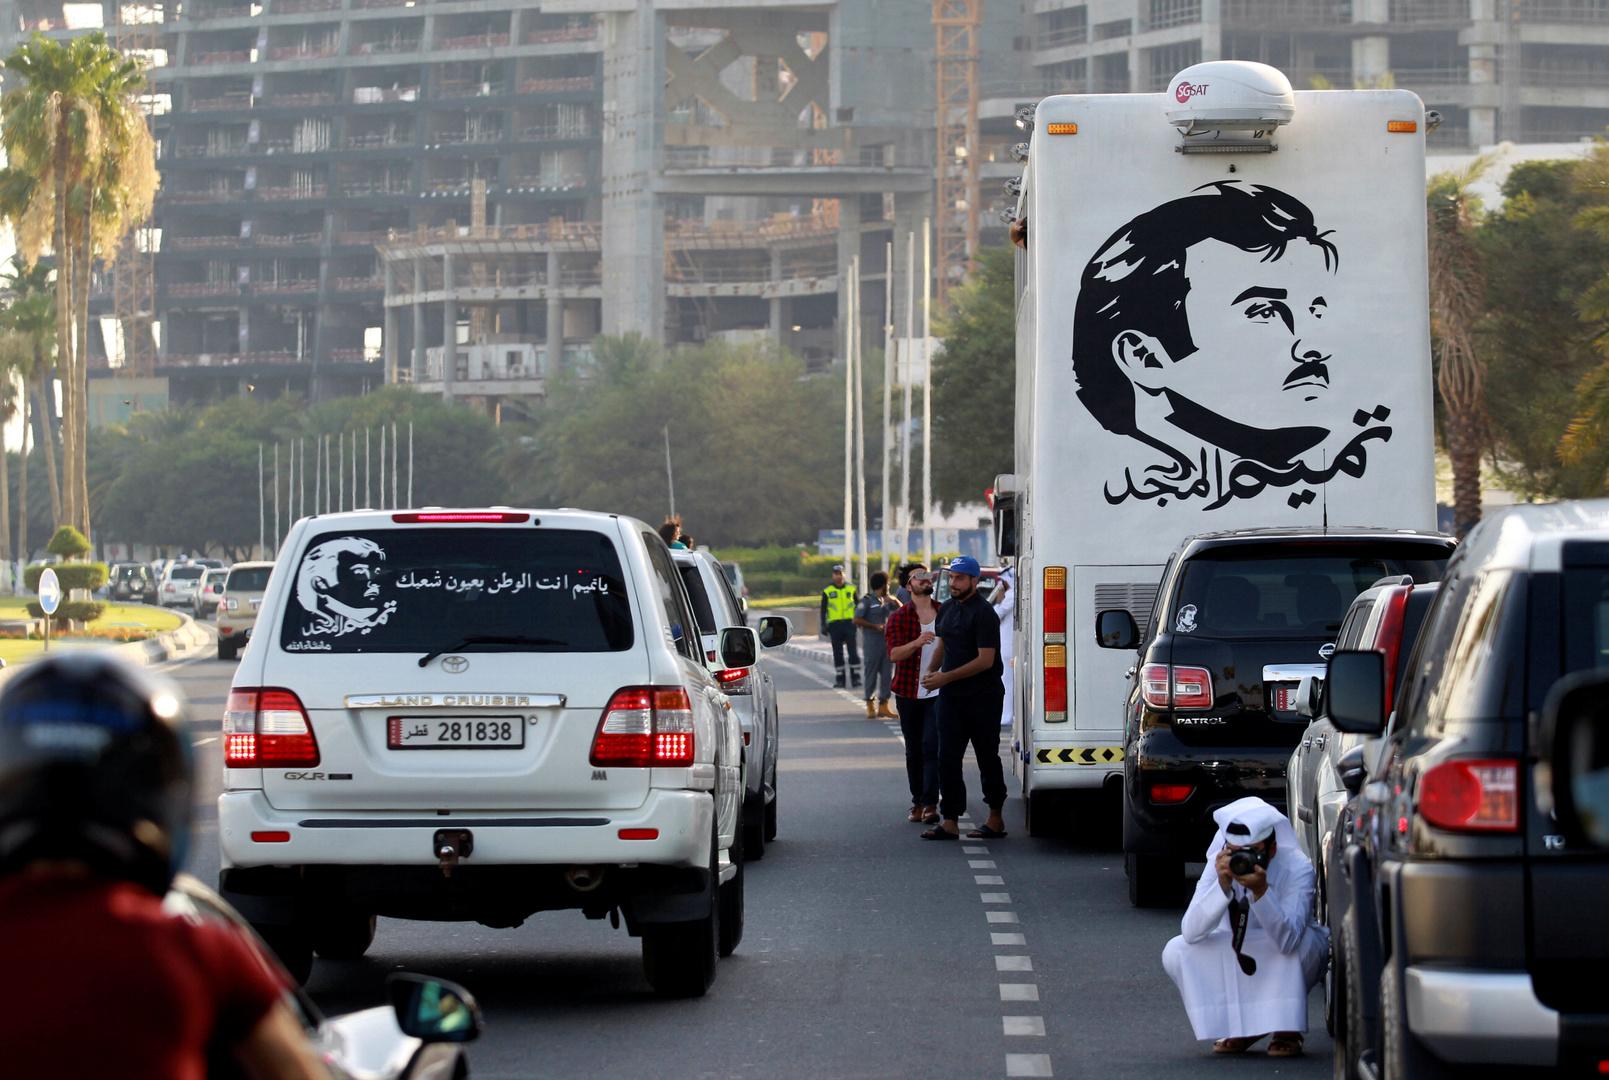 مسؤول سعودي: قطر تسعى لخفض التوتر مع جيرانها